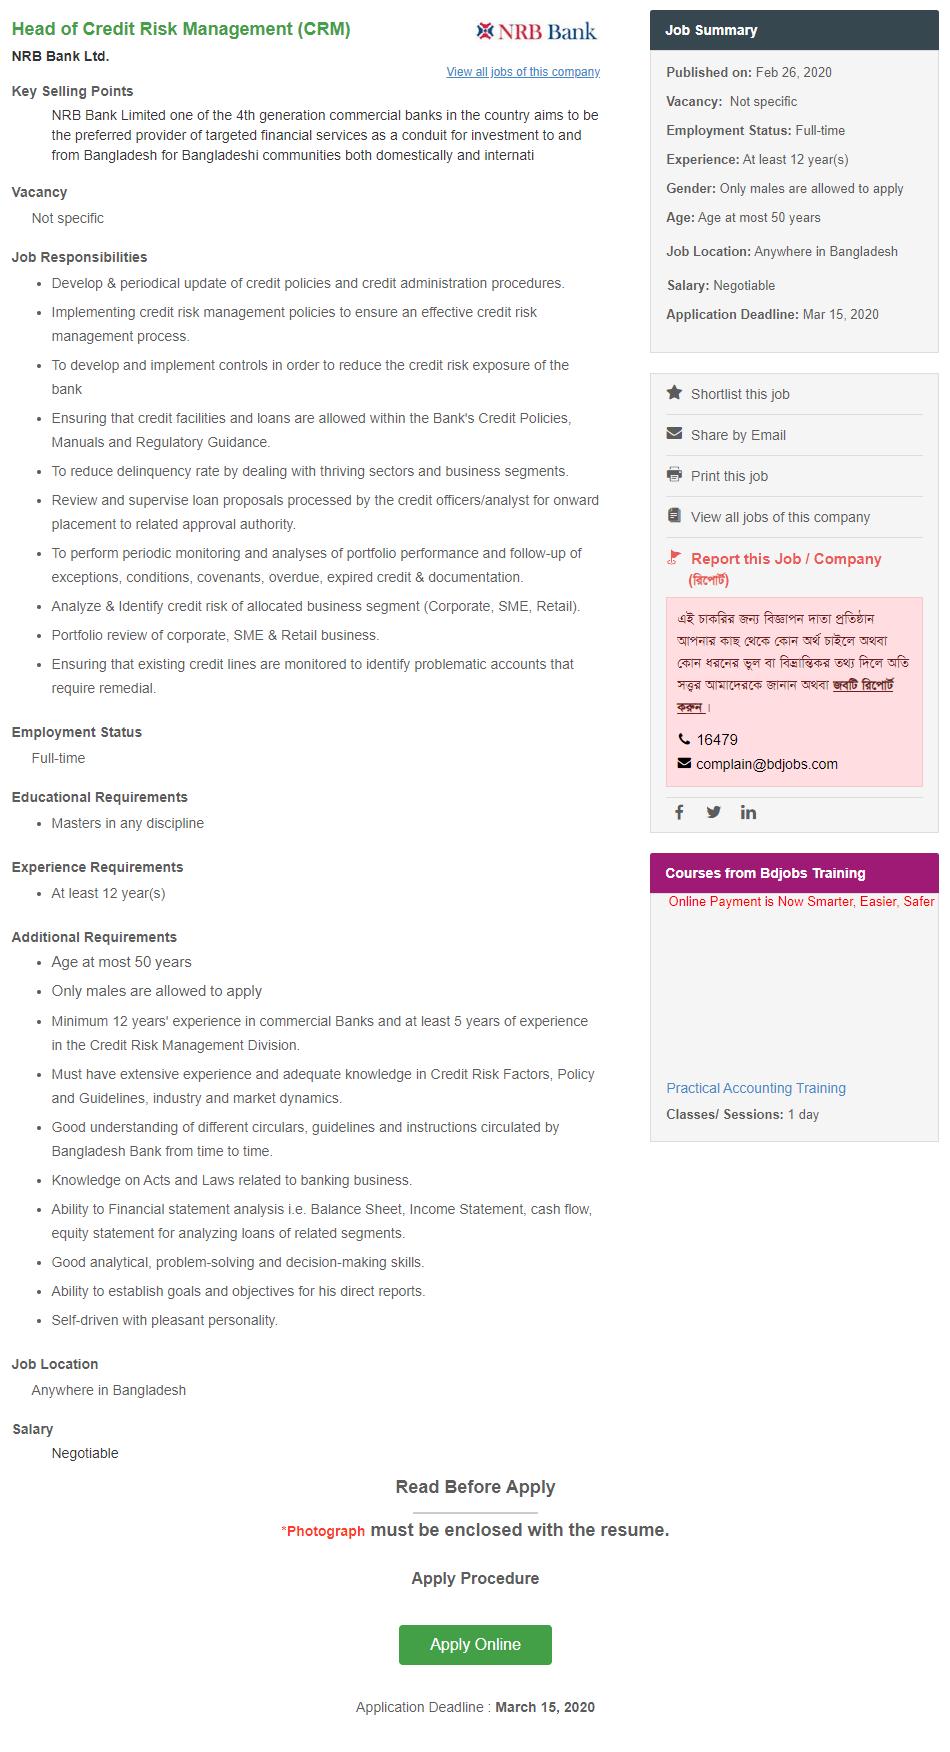 https://i2.wp.com/ejobcircular.files.wordpress.com/2020/02/nrb-bank.png?ssl=1